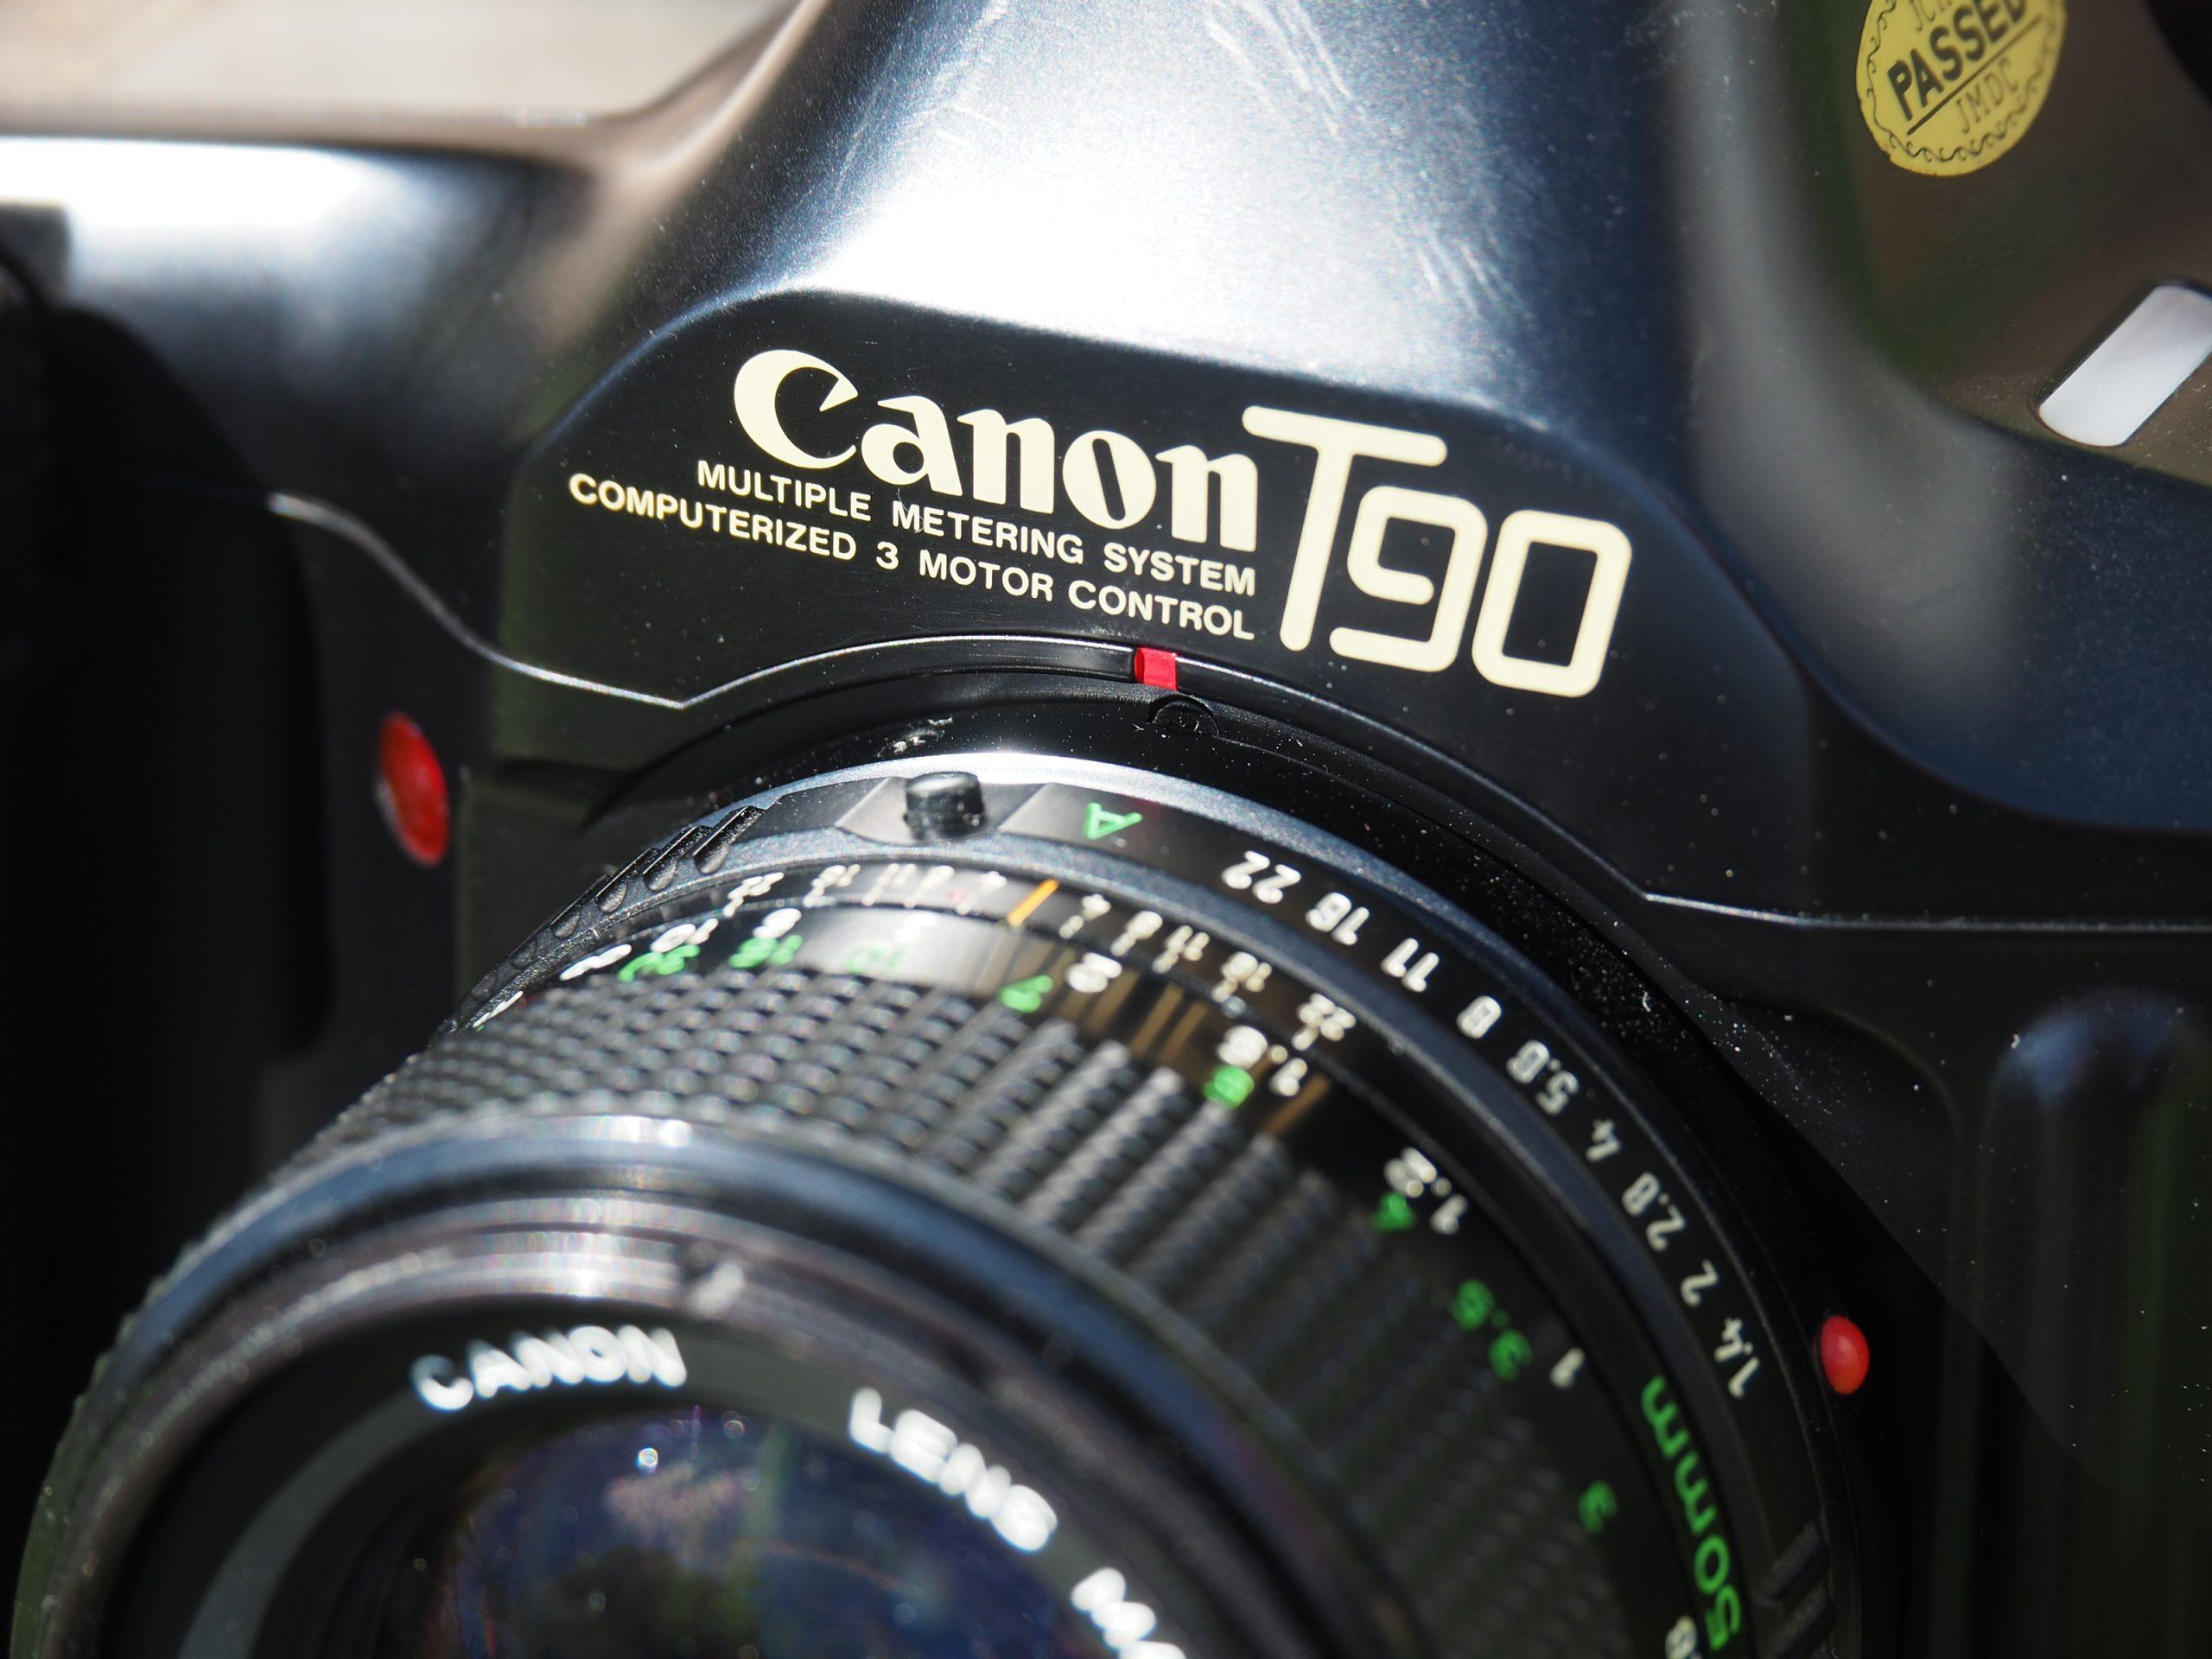 【Canon】カメラを撮る 2